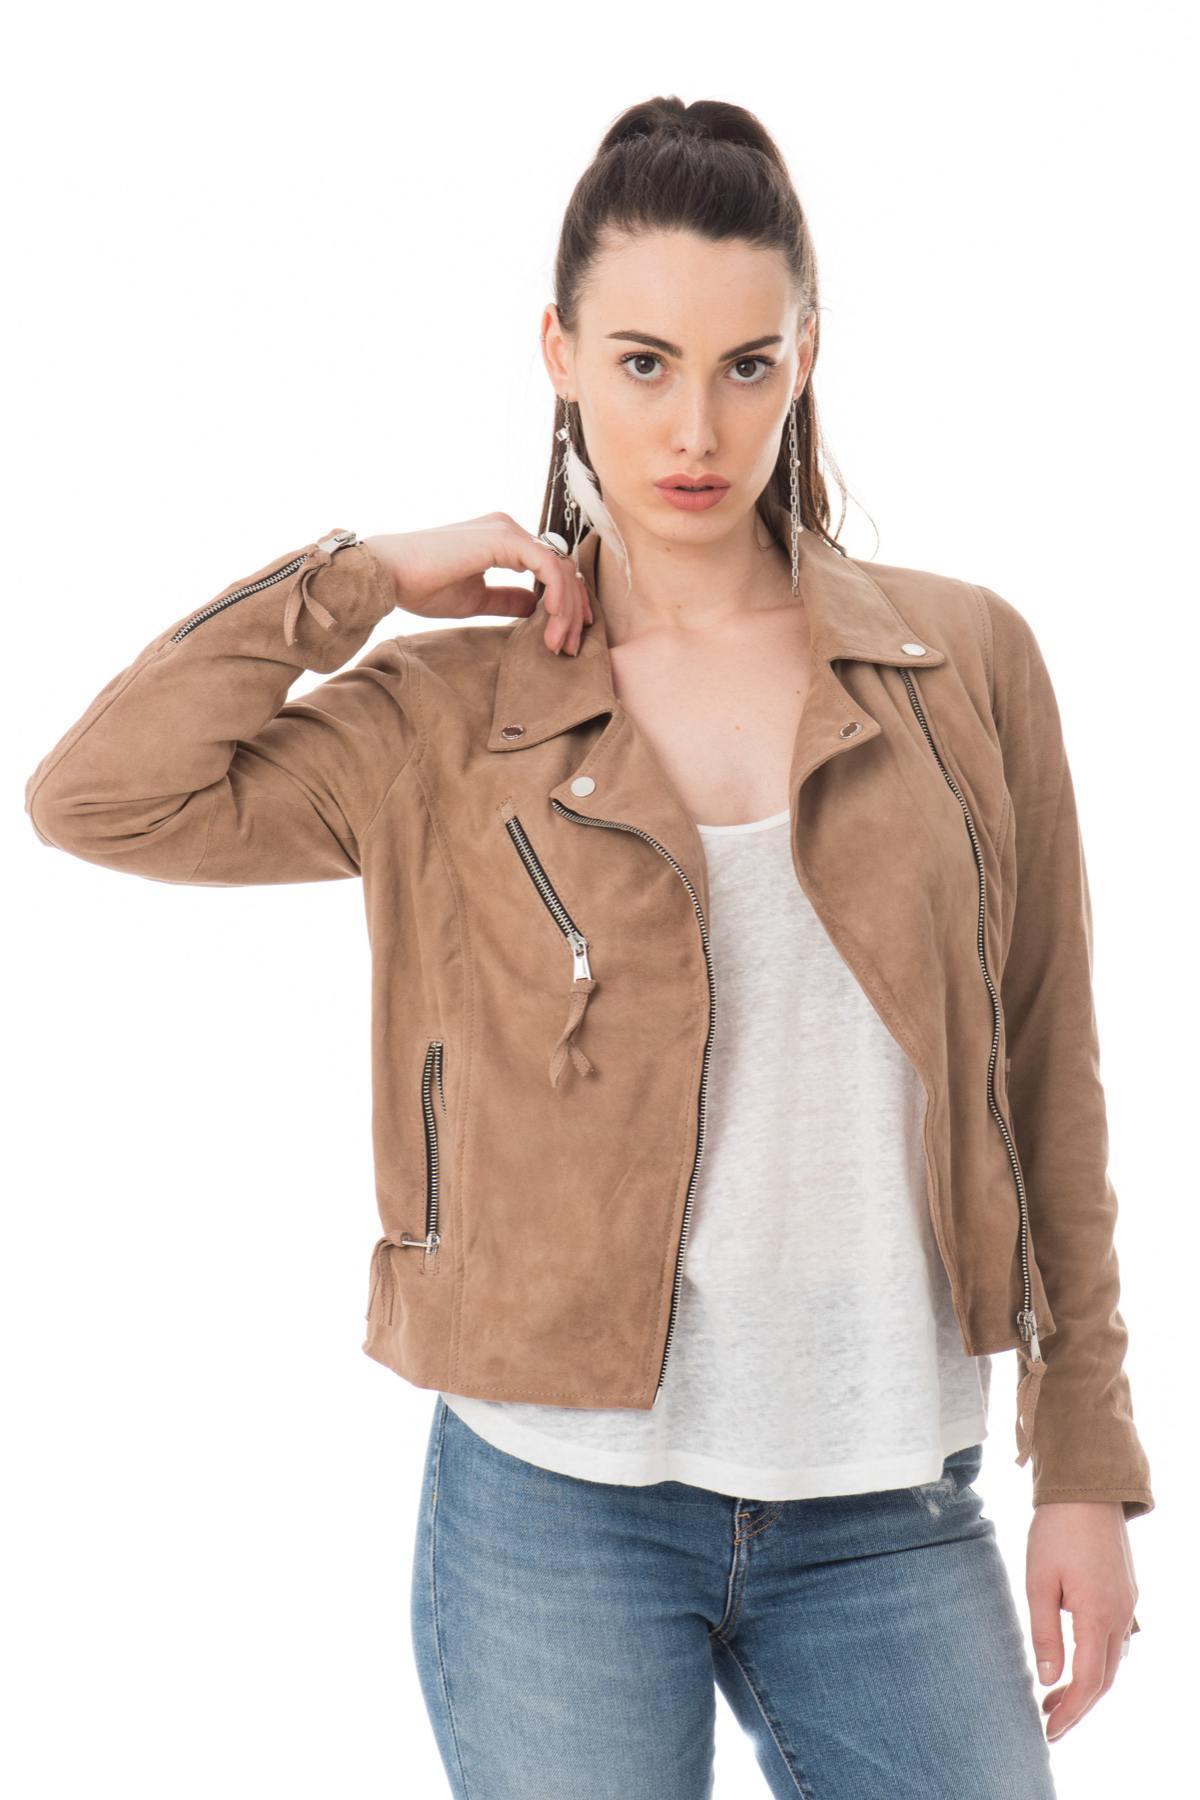 Vente privee veste en cuir femme